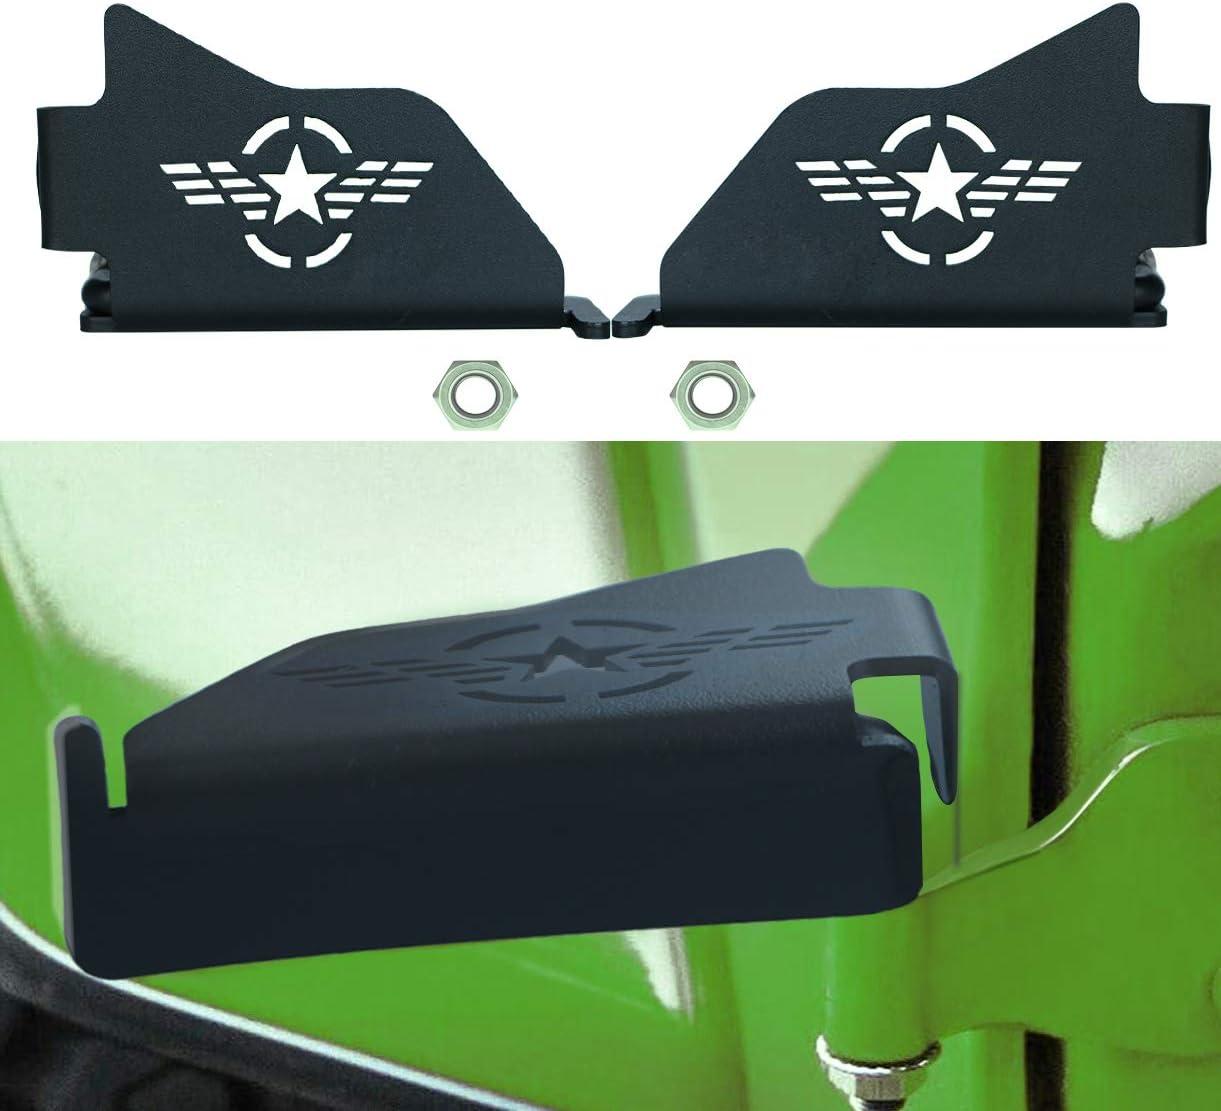 Black Steel Front Foot Pegs Foot Rest Padal Rest Kick For Jeep Wrangler JK JKU JL JLU 2007-2020 2 PCS 1